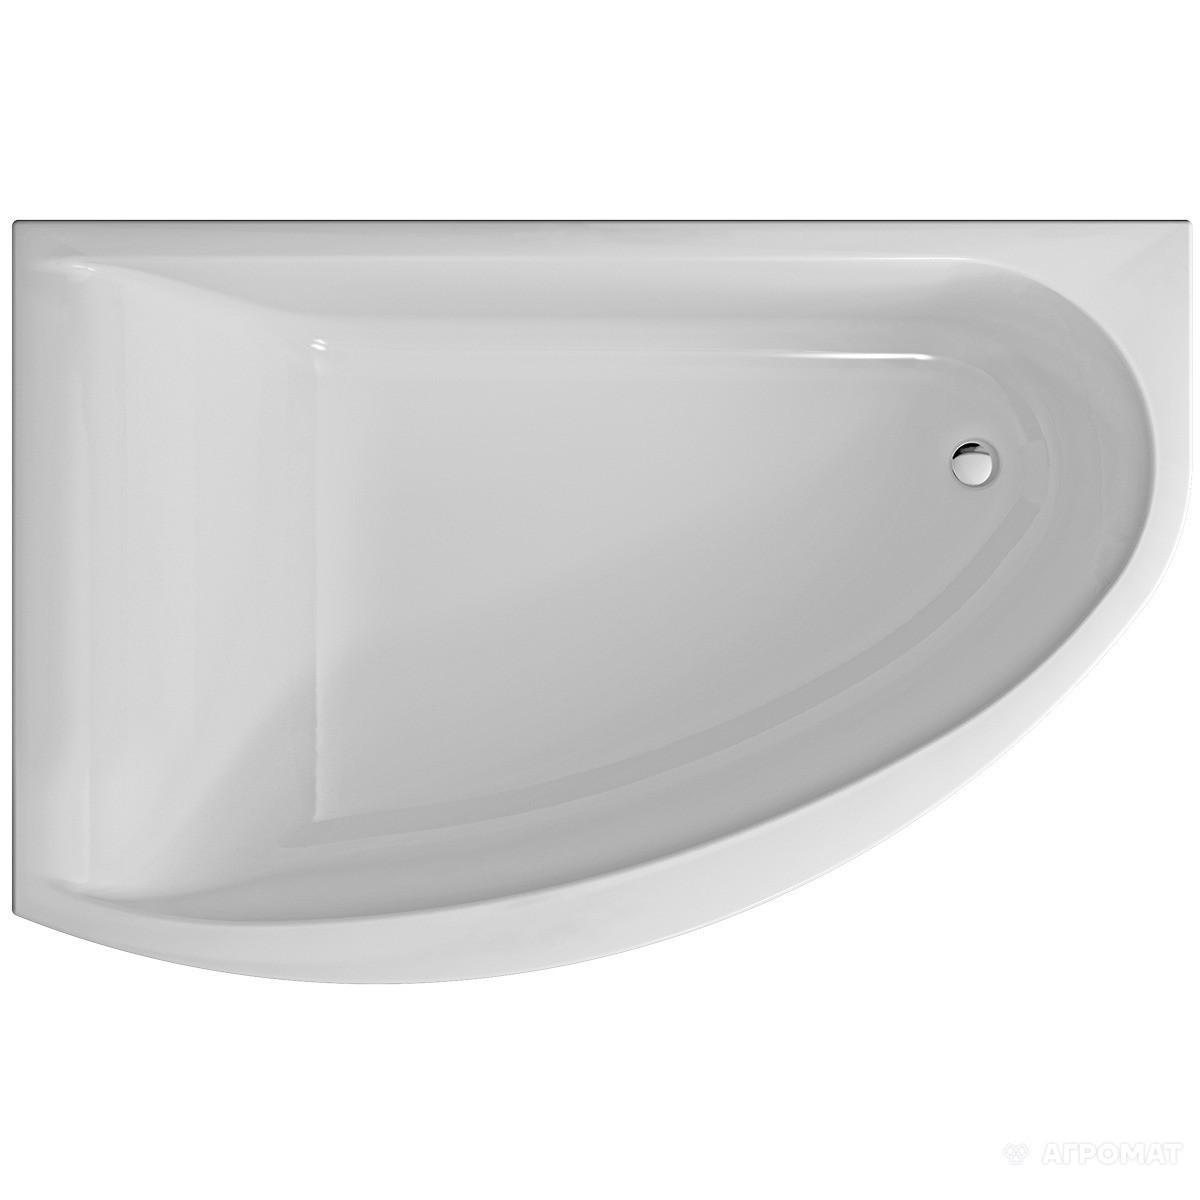 Ванна KOLO MIRRA 170x110 см асиметрична ліва, з ніжками SN8 і елементами кріплення